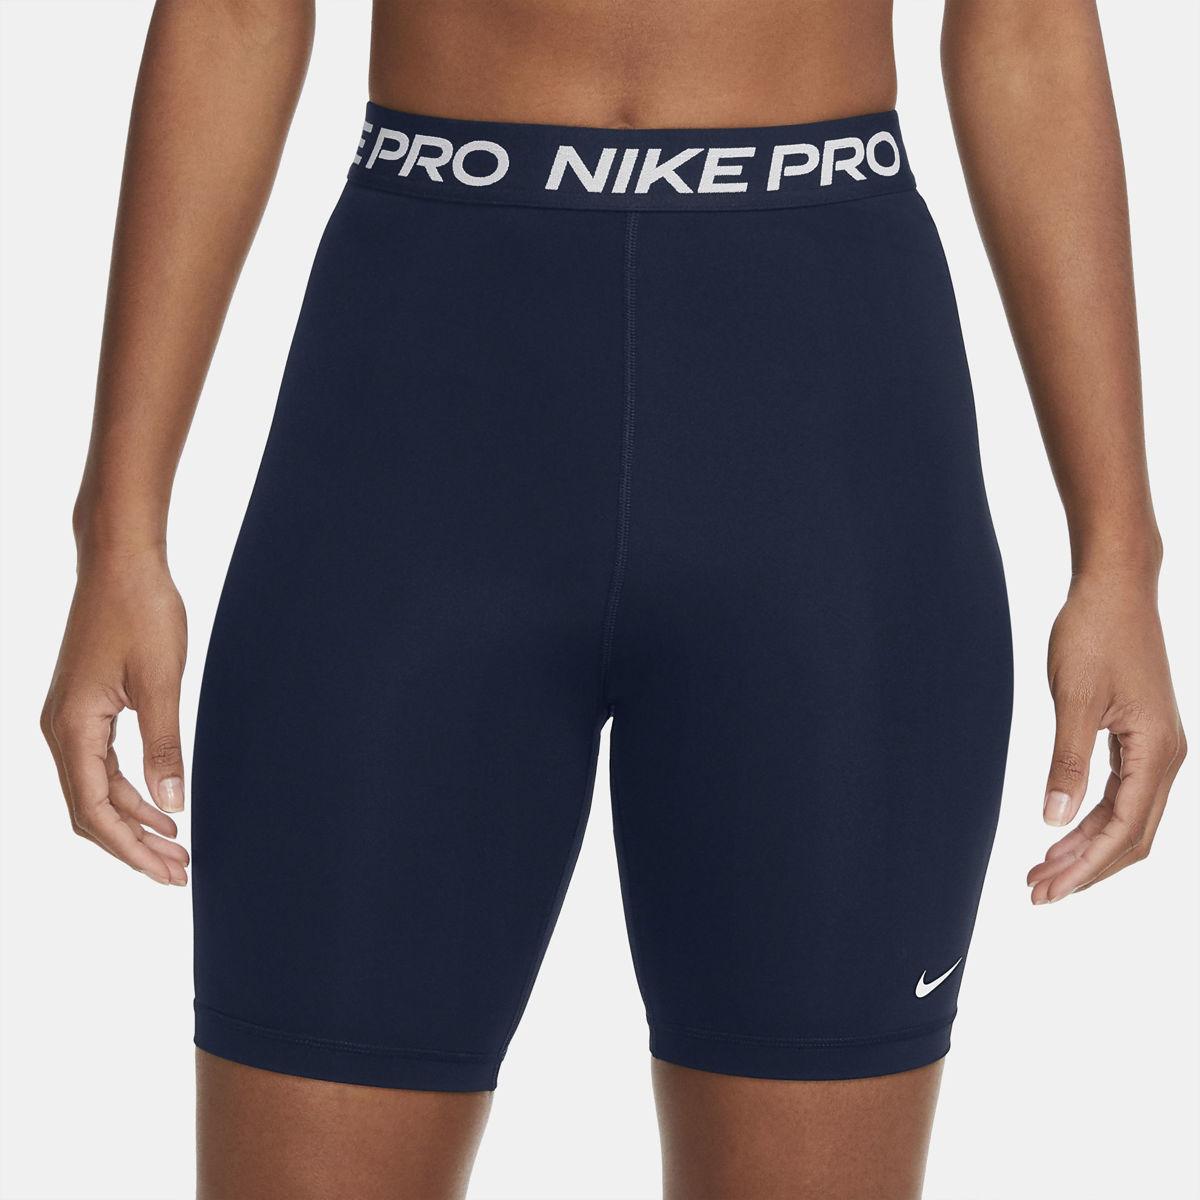 Bilde av Nike w nikepro short DA0481-451